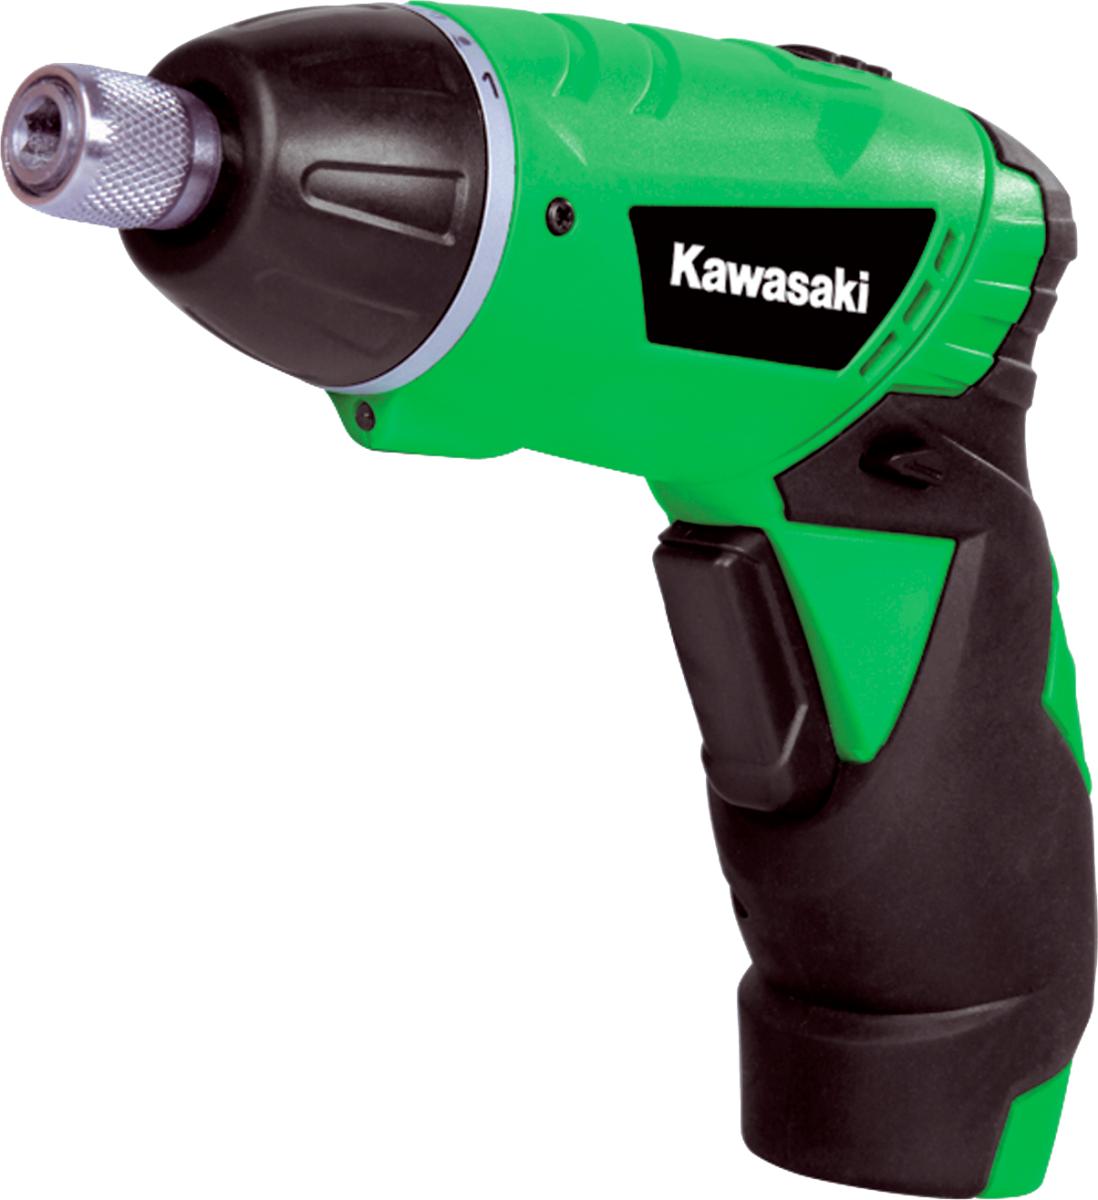 Kawasaki K-AK 3.6 Li SotMarket.ru 1460.000